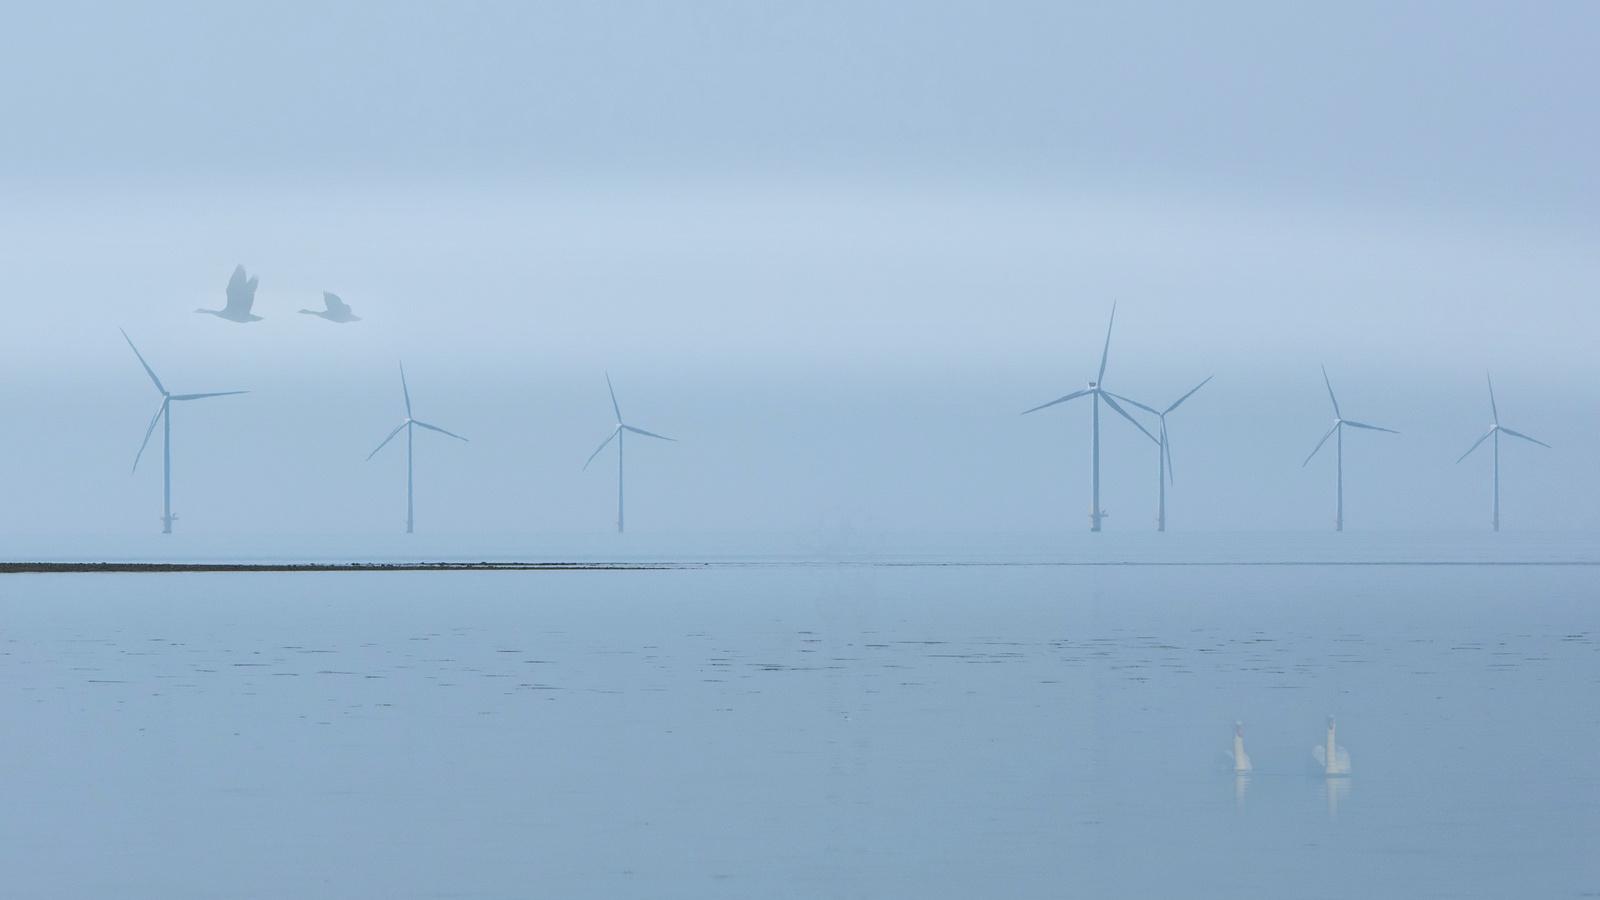 туман, лебеди, ветряки, пейзаж